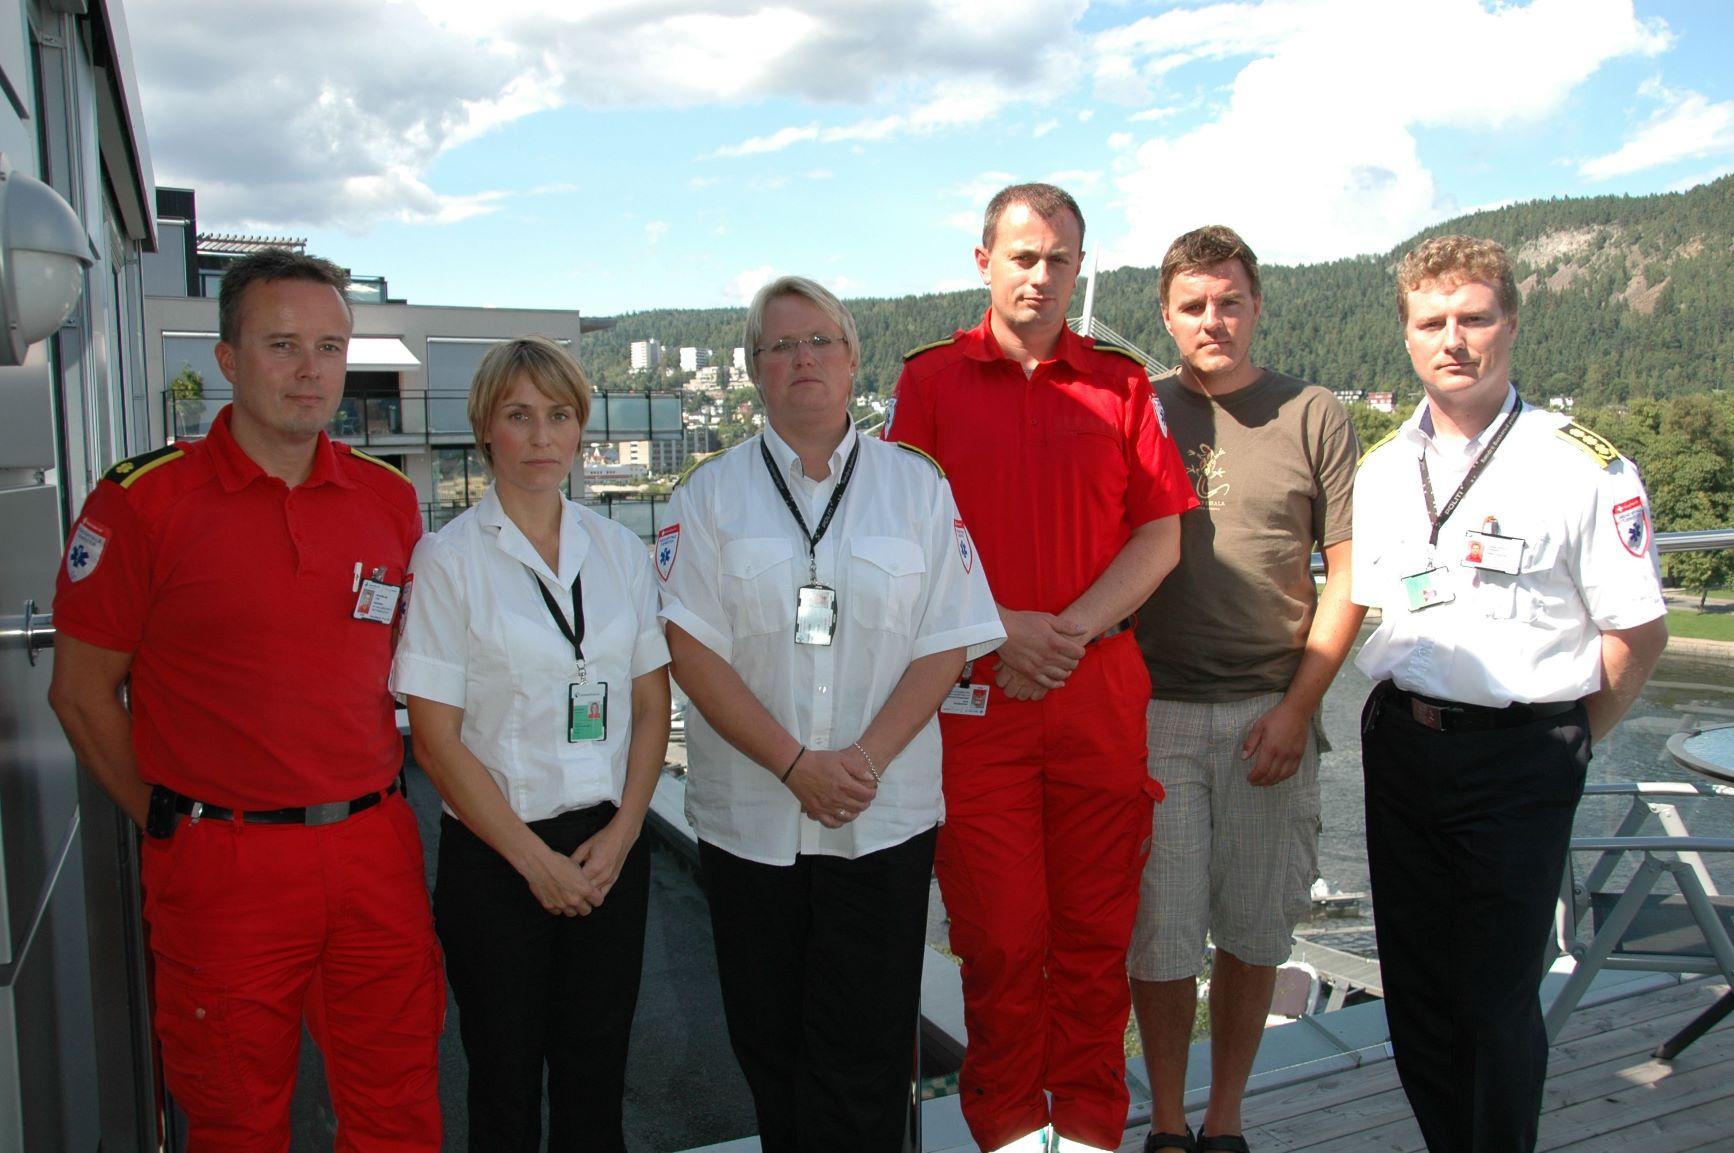 Håvard Larsen (helt til venstre) fikk prisen Årets Paramedic i 2011, blant annet på grunn av innsatsen ved massedrapene på Utøya. Minner fra en forelesning hjalp ham å prioritere riktig